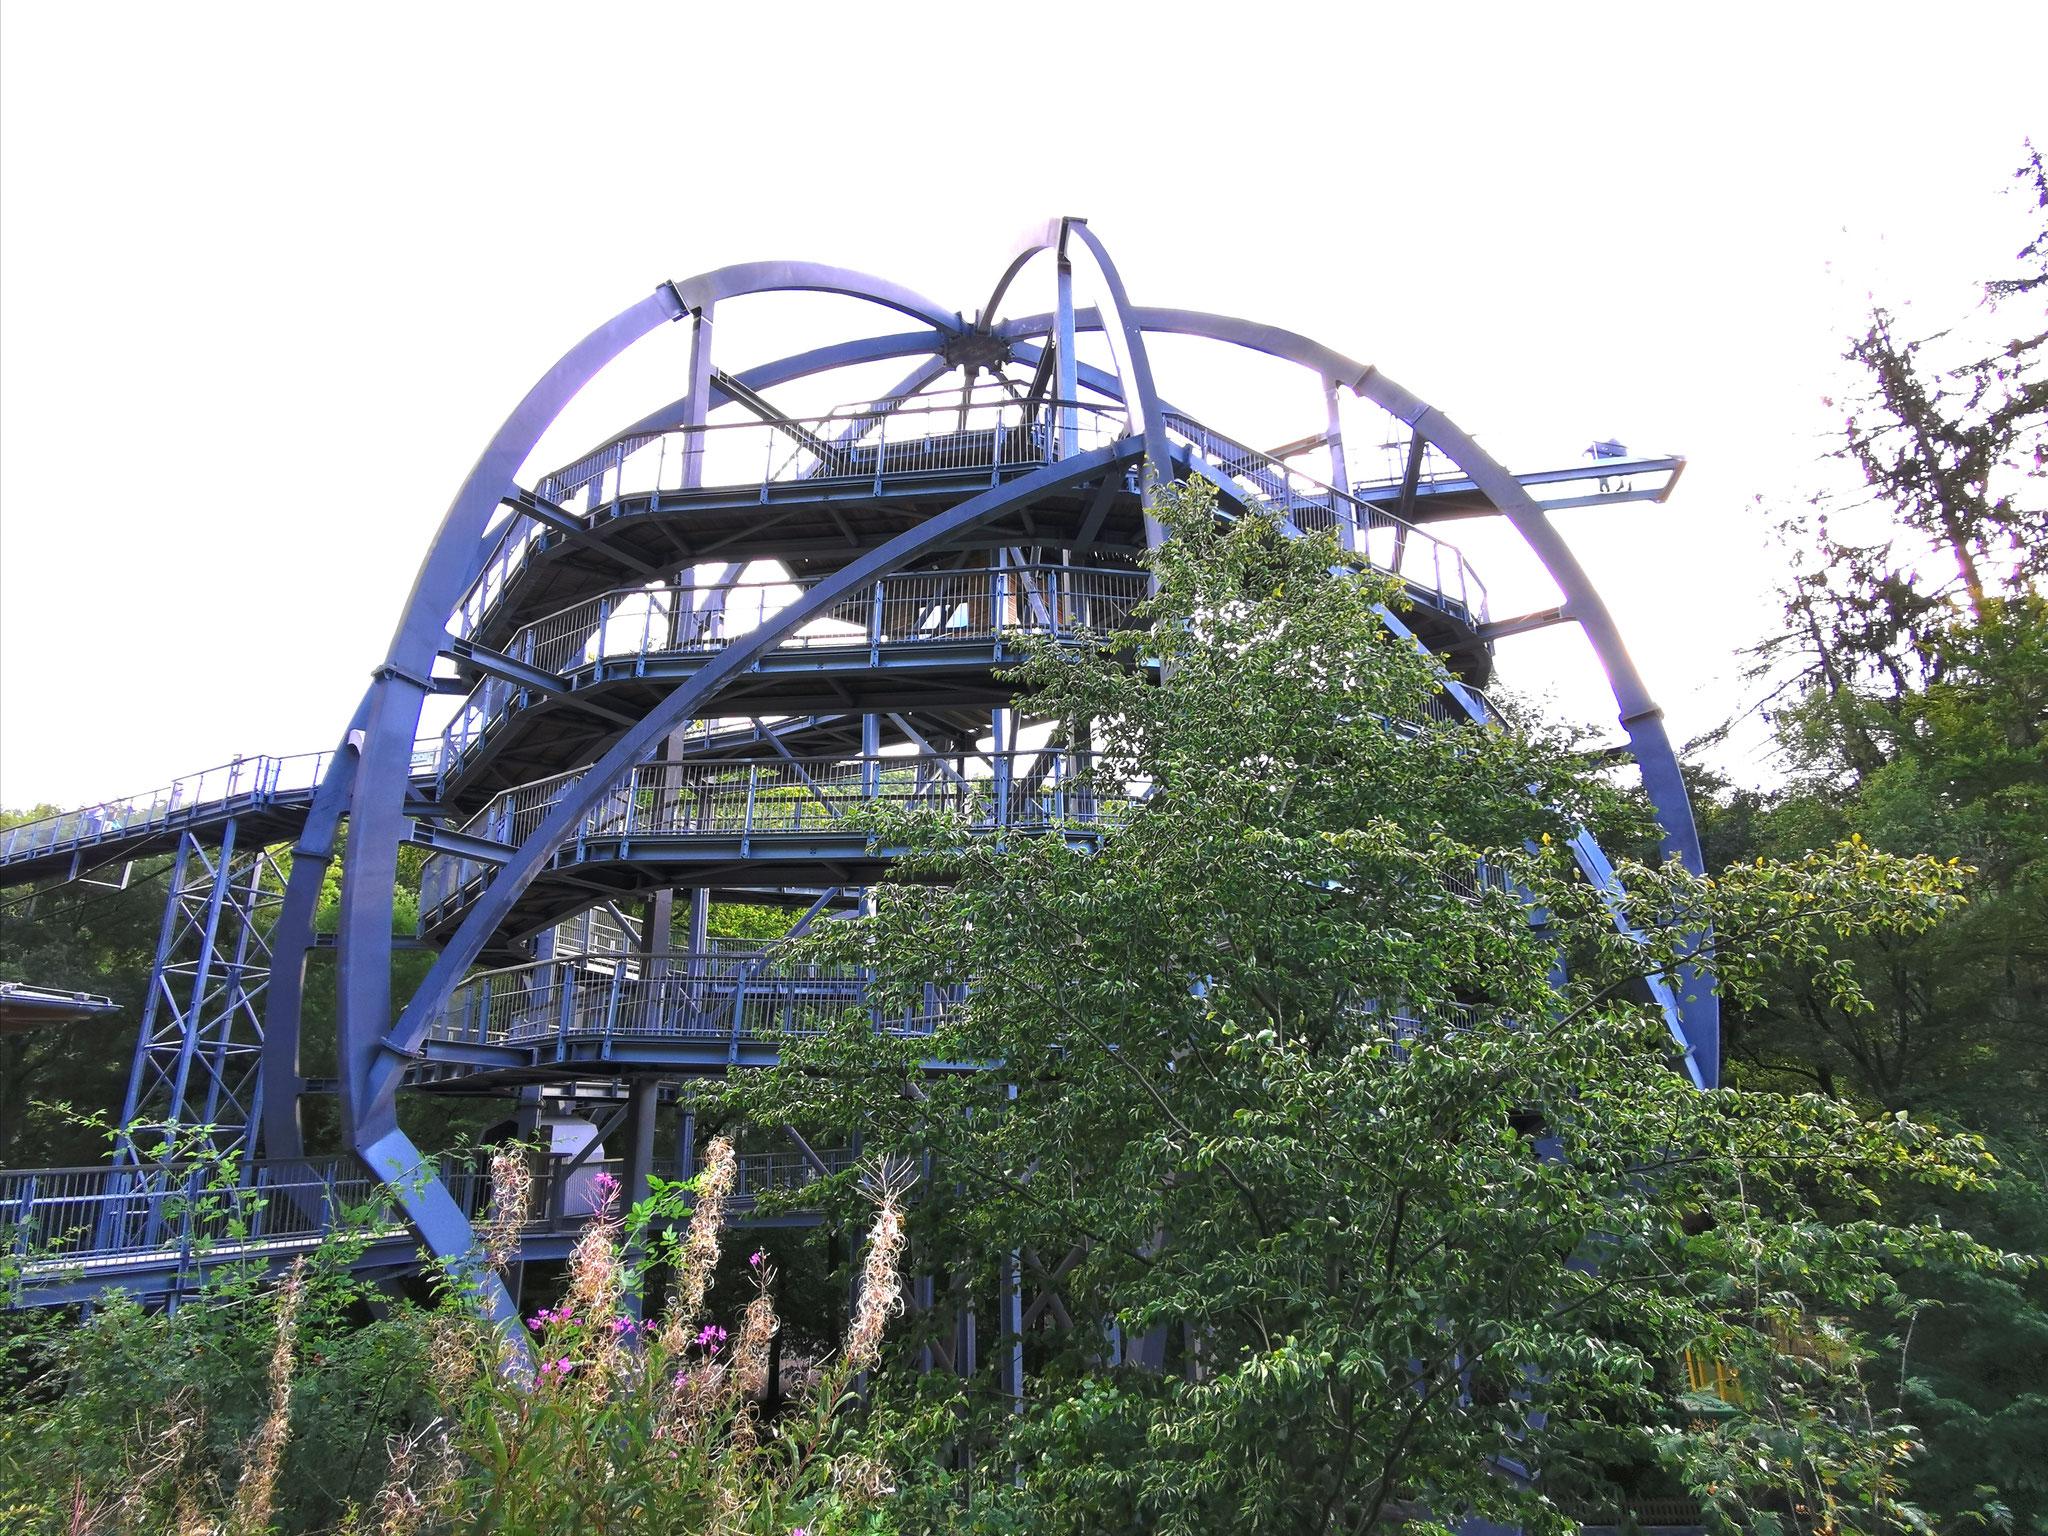 Die Aussichtsplattform am Eingang, mit einer Höhe von 26 Metern